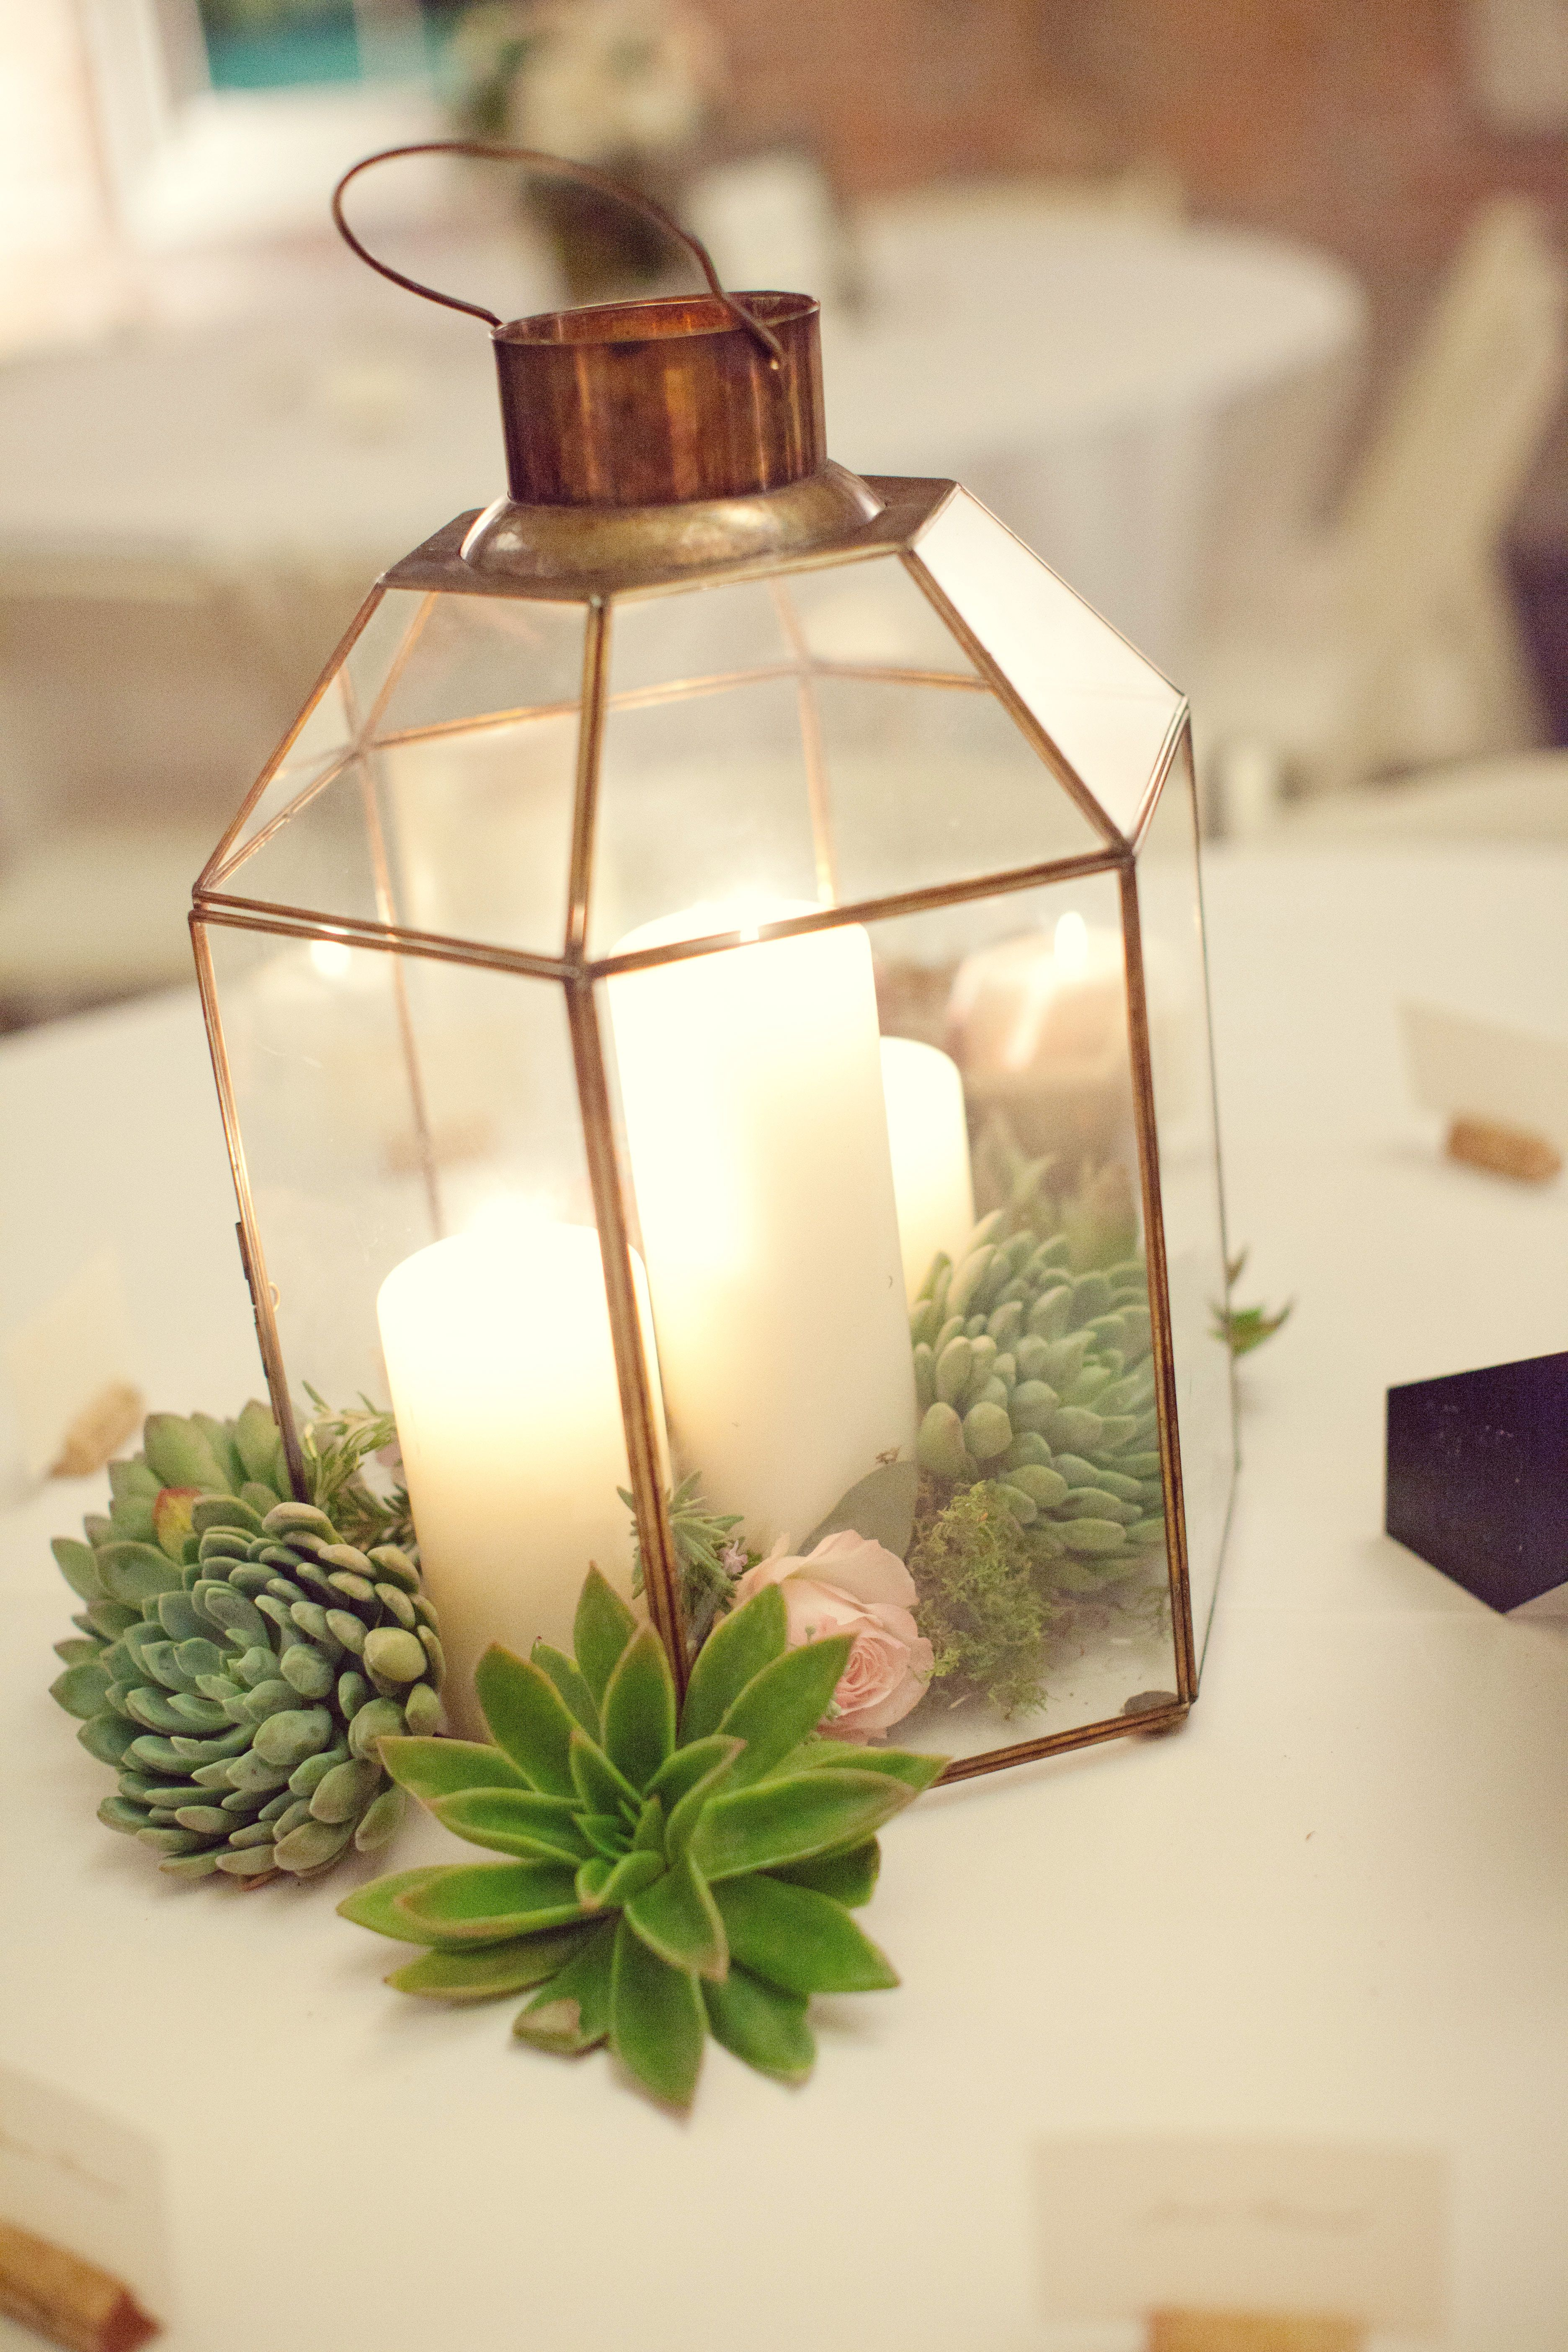 lanterne ext rieure 55 id es magnifiques sur la d co jardin candle lanterns wedding and. Black Bedroom Furniture Sets. Home Design Ideas